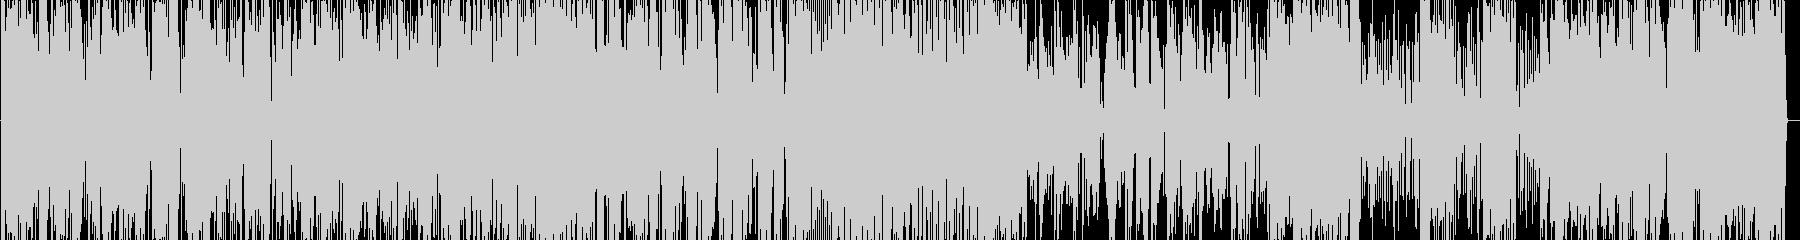 疾走感のあるジャズ ピアノトリオ3の未再生の波形